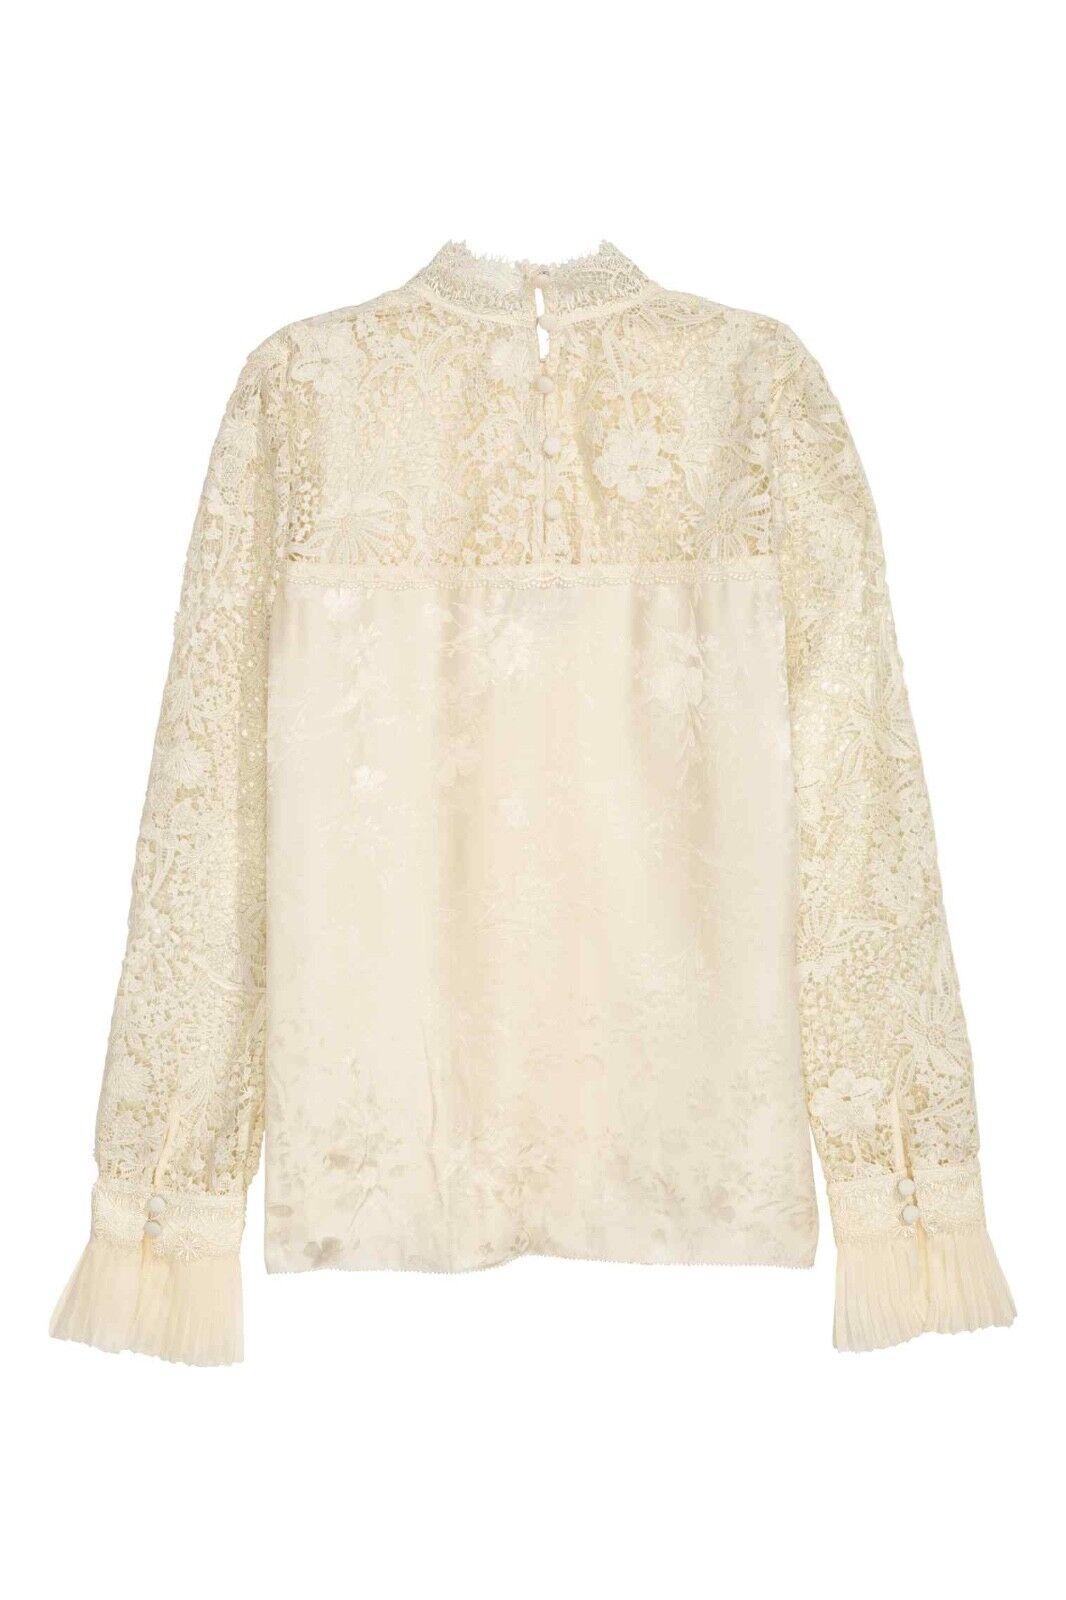 Erdem x H&M Natural Weiß Silk Blouse with lace-Größe 8